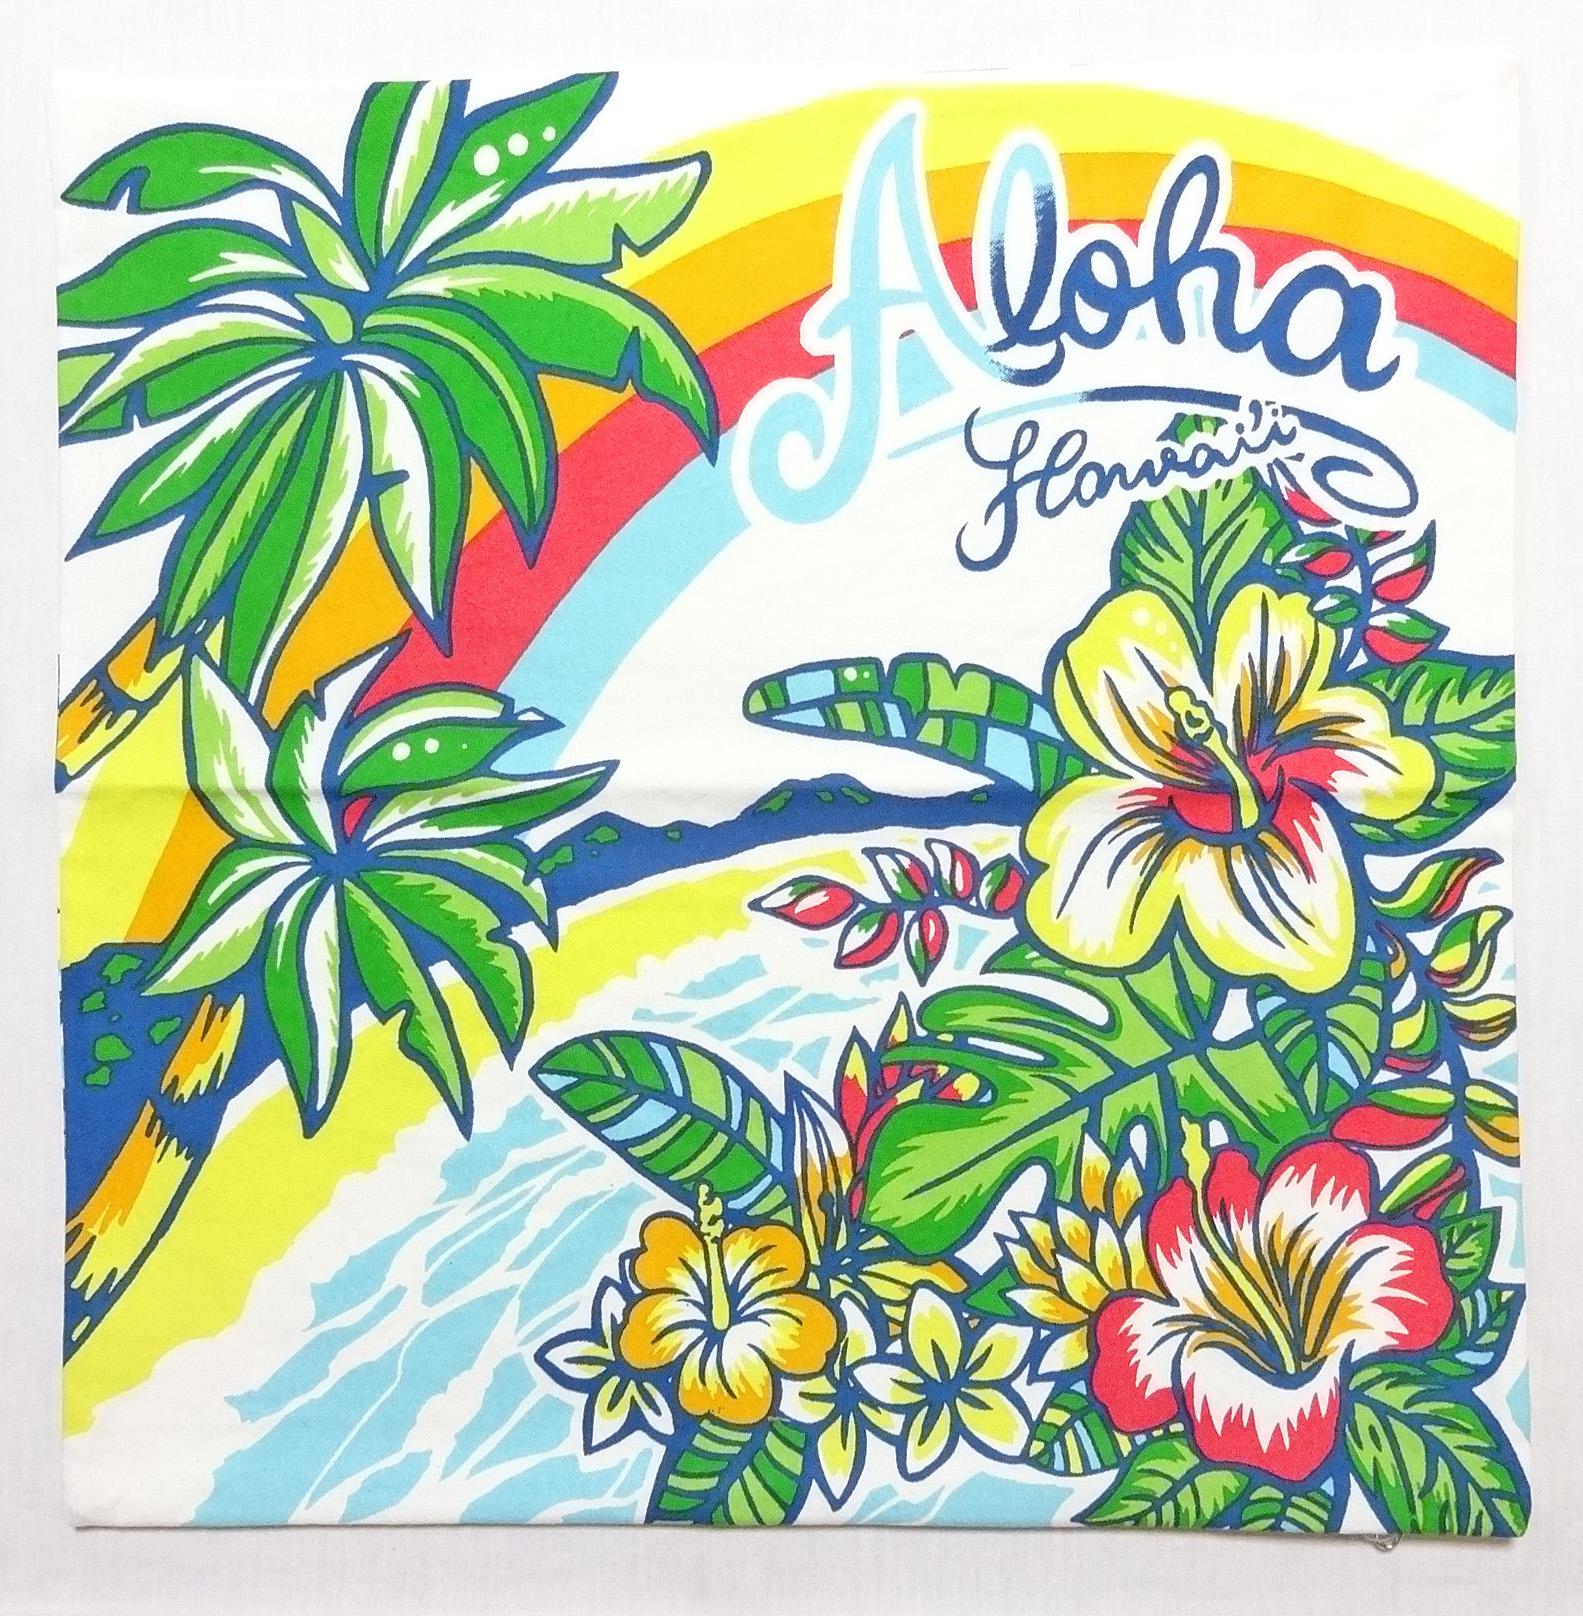 ハワイアンクッションカバー/パームツリーハイビ